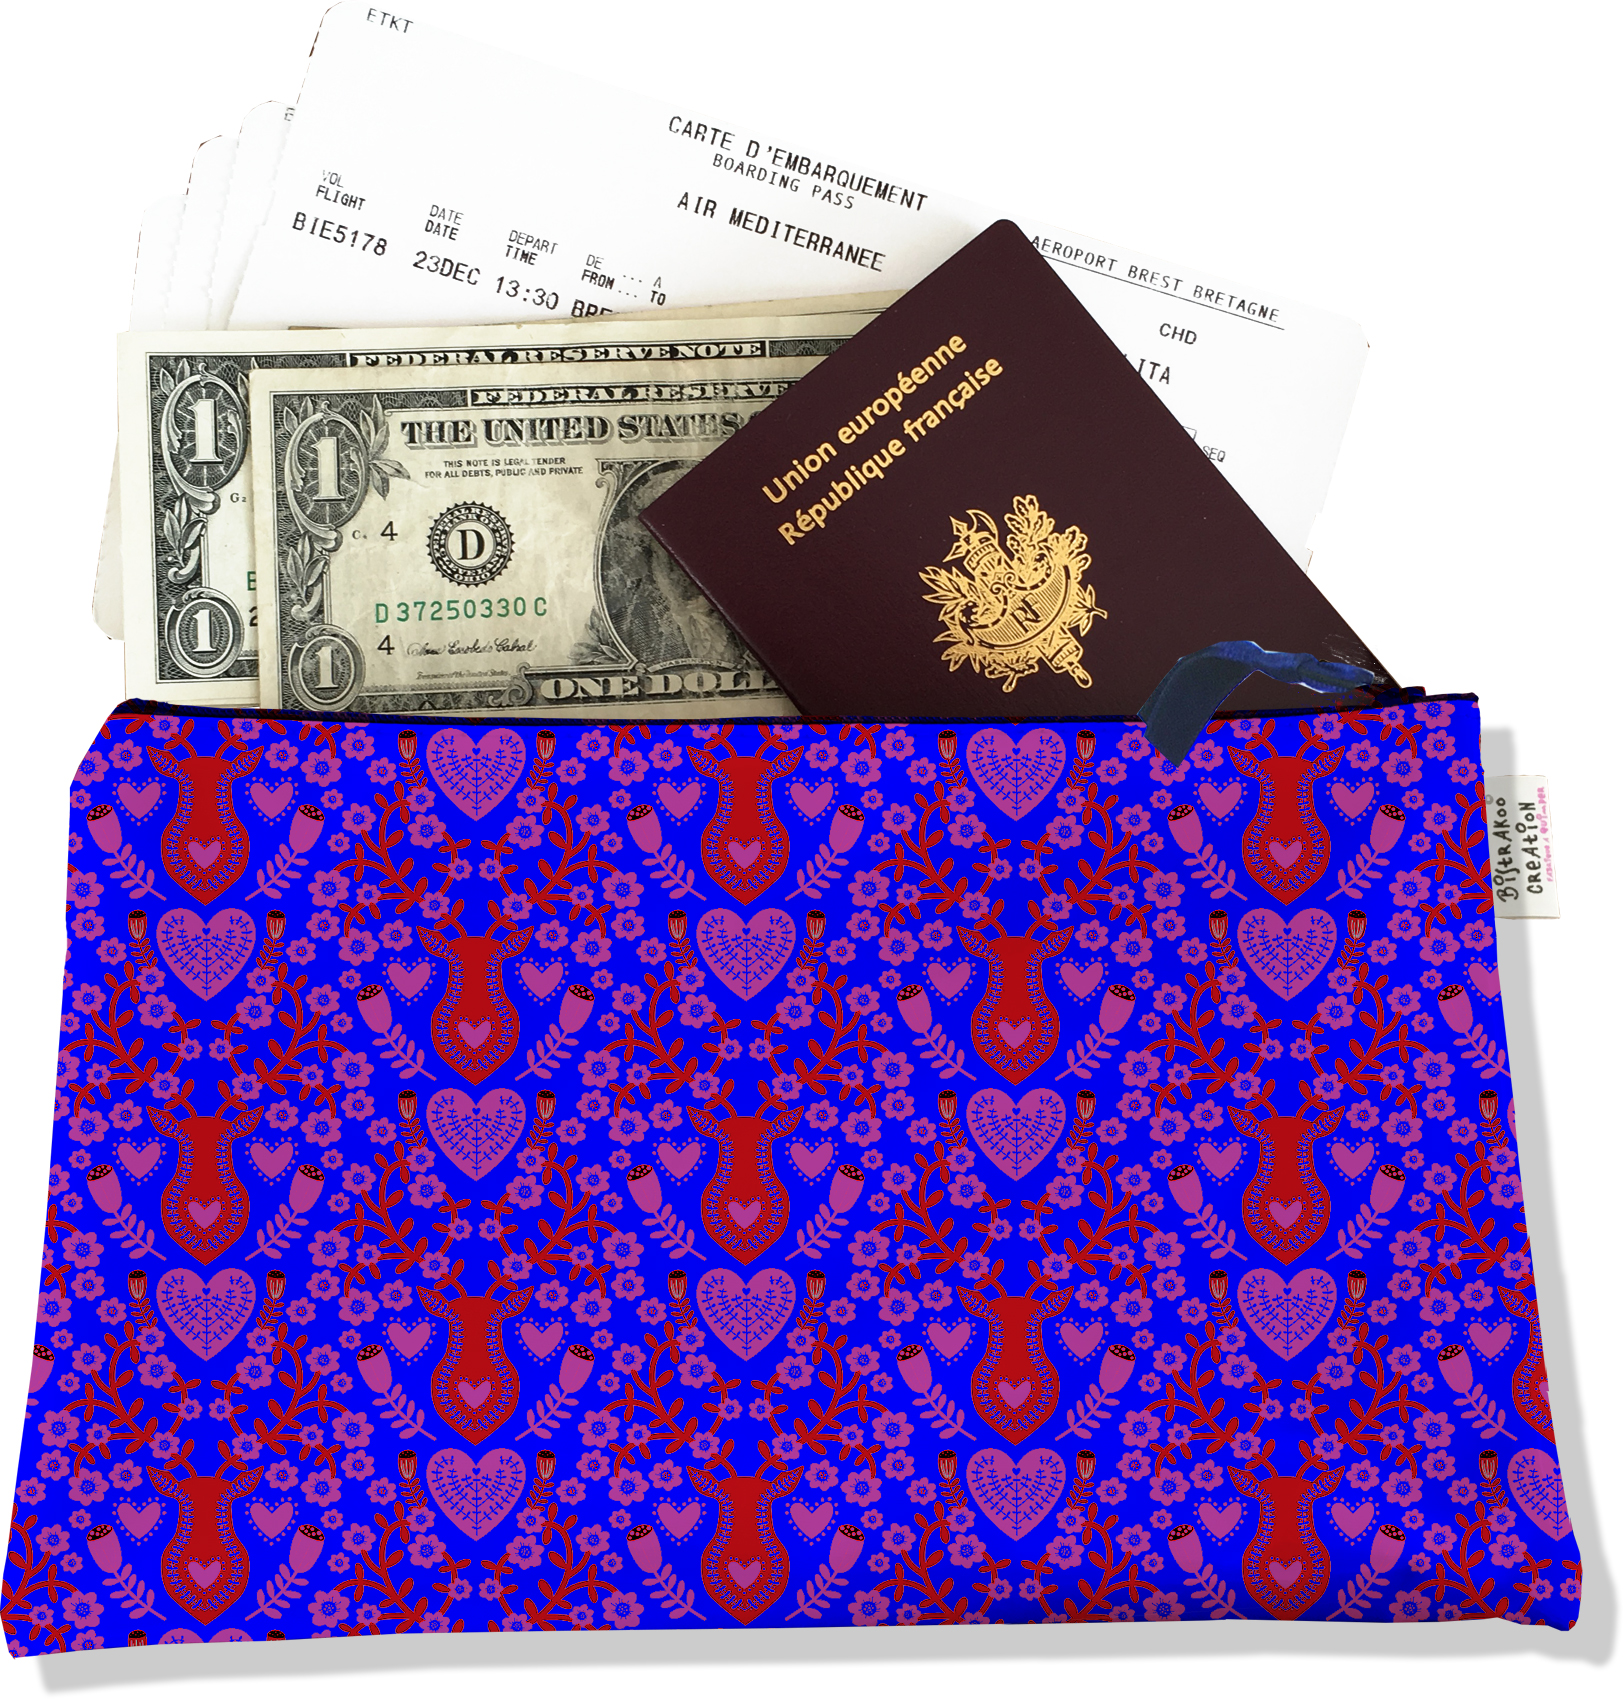 Pochette voyage, porte documents pour femme motif Scandinave bleu et rouge 3234-2017